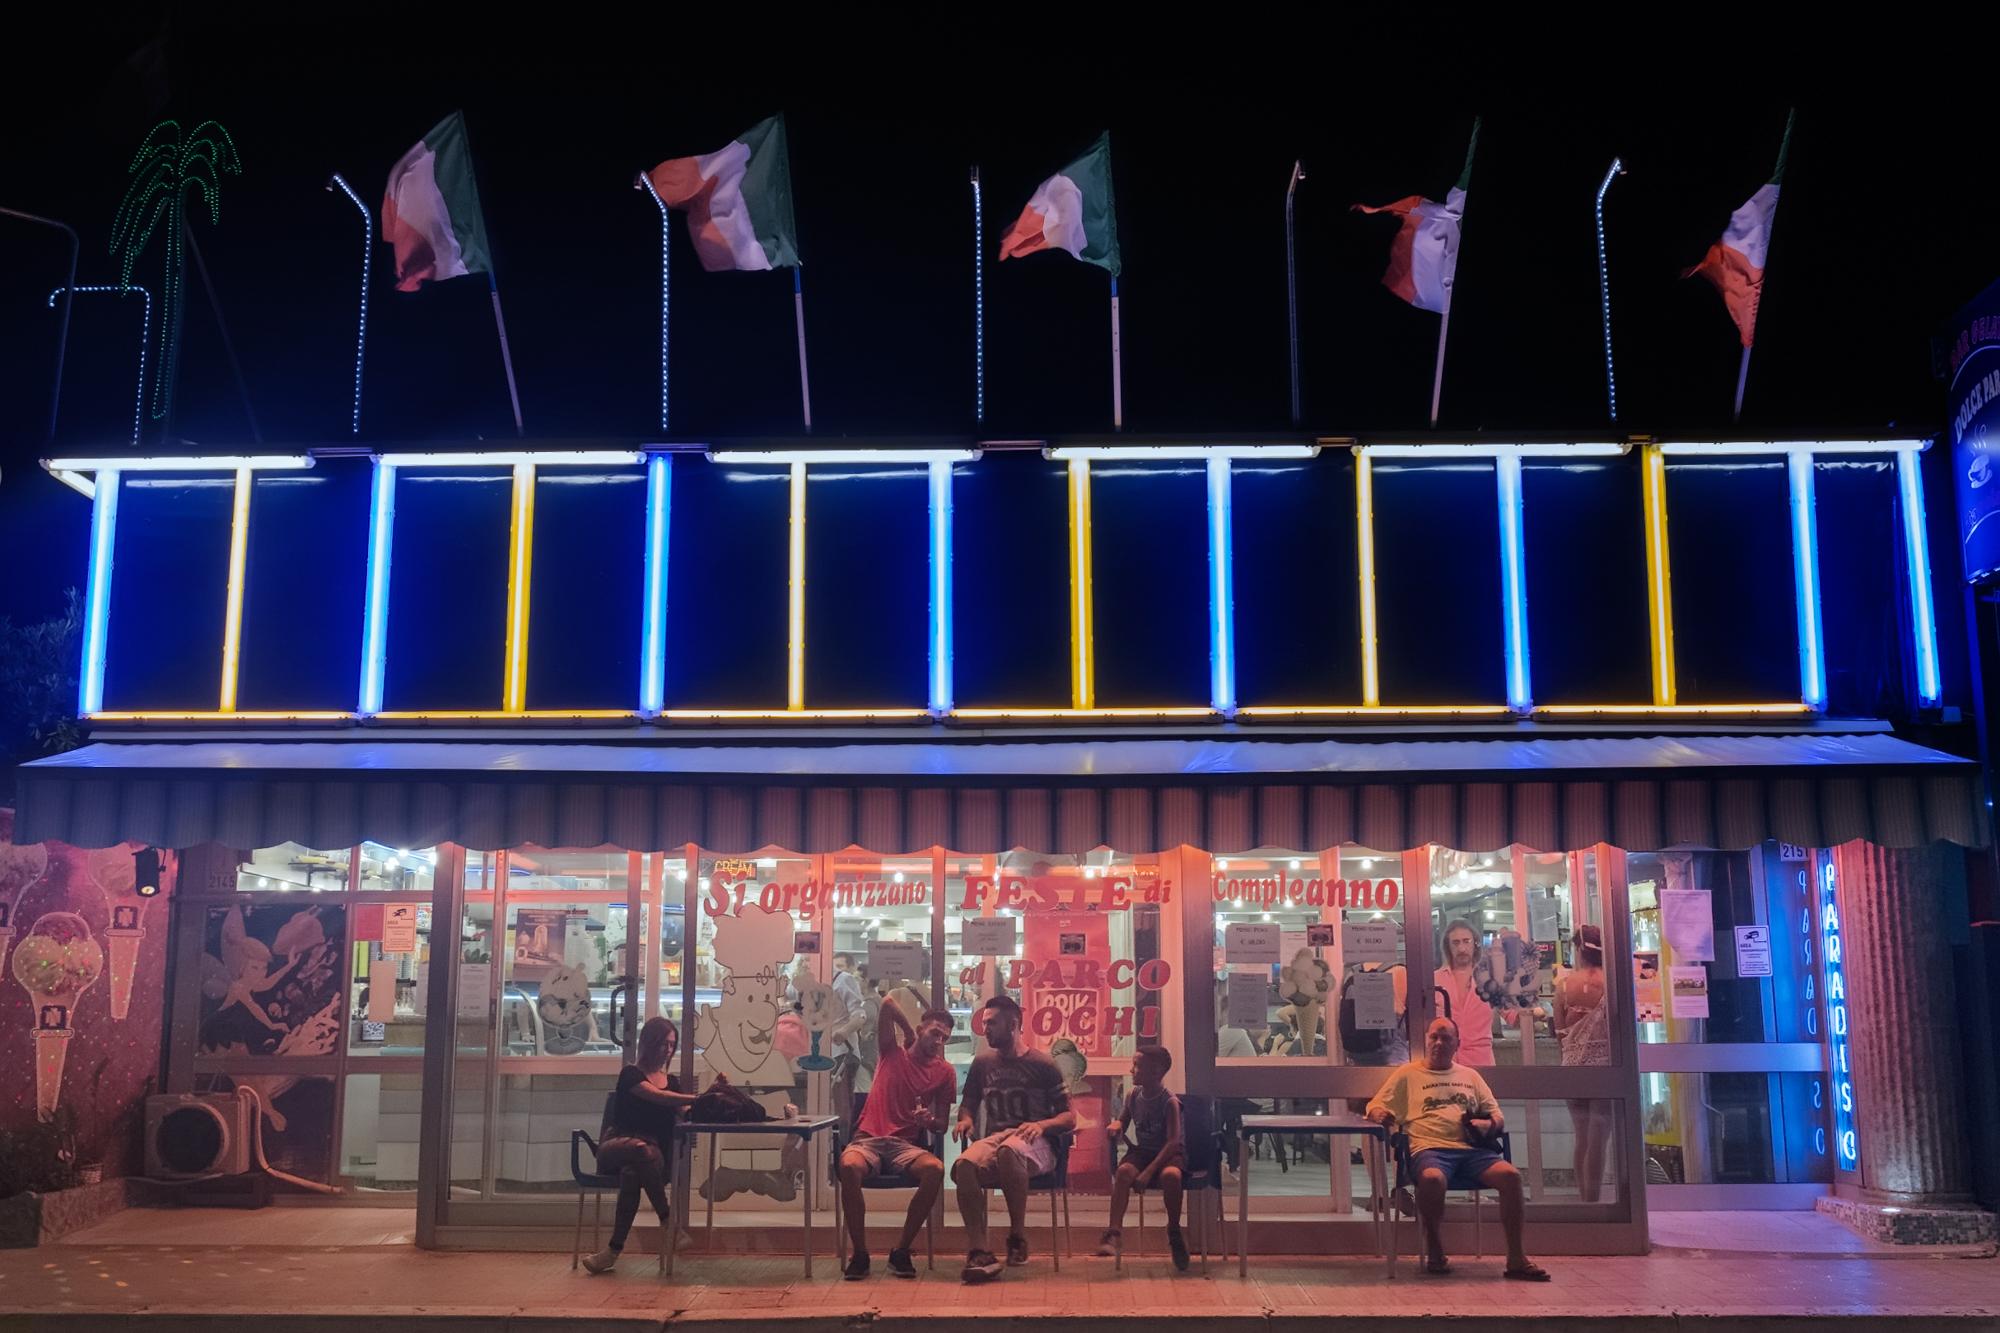 Bar Dolce Paradiso lungomare di Foce Verde (LT), 2015.  In estate il litorale pontino diventa un'affollata località turistica frequentata prevalentemente da laziali e campani. Questo è il punto in cui il Canale Mussolini, il principale della bonifica dell'Agro Pontino ed oggi conosciuto come canale delle Acque Alte, sfocia nel mar Tirreno.